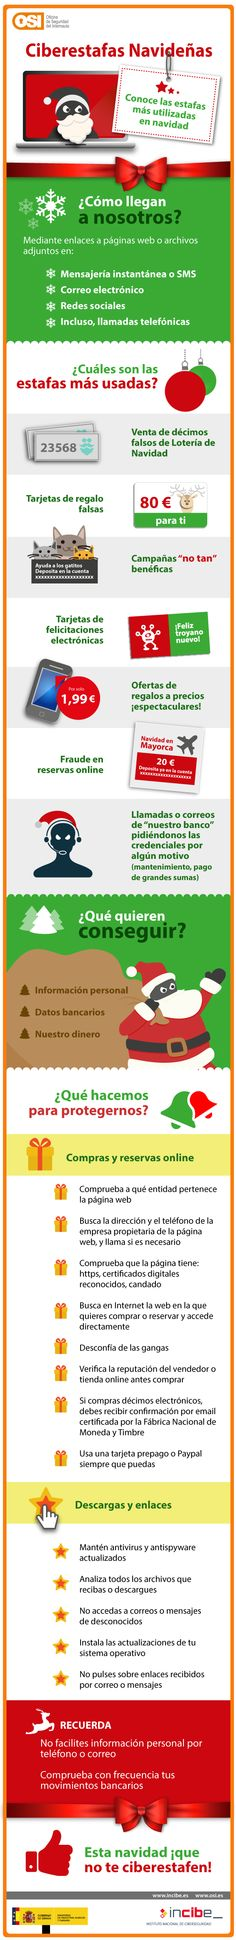 Ciberestafas navideñas